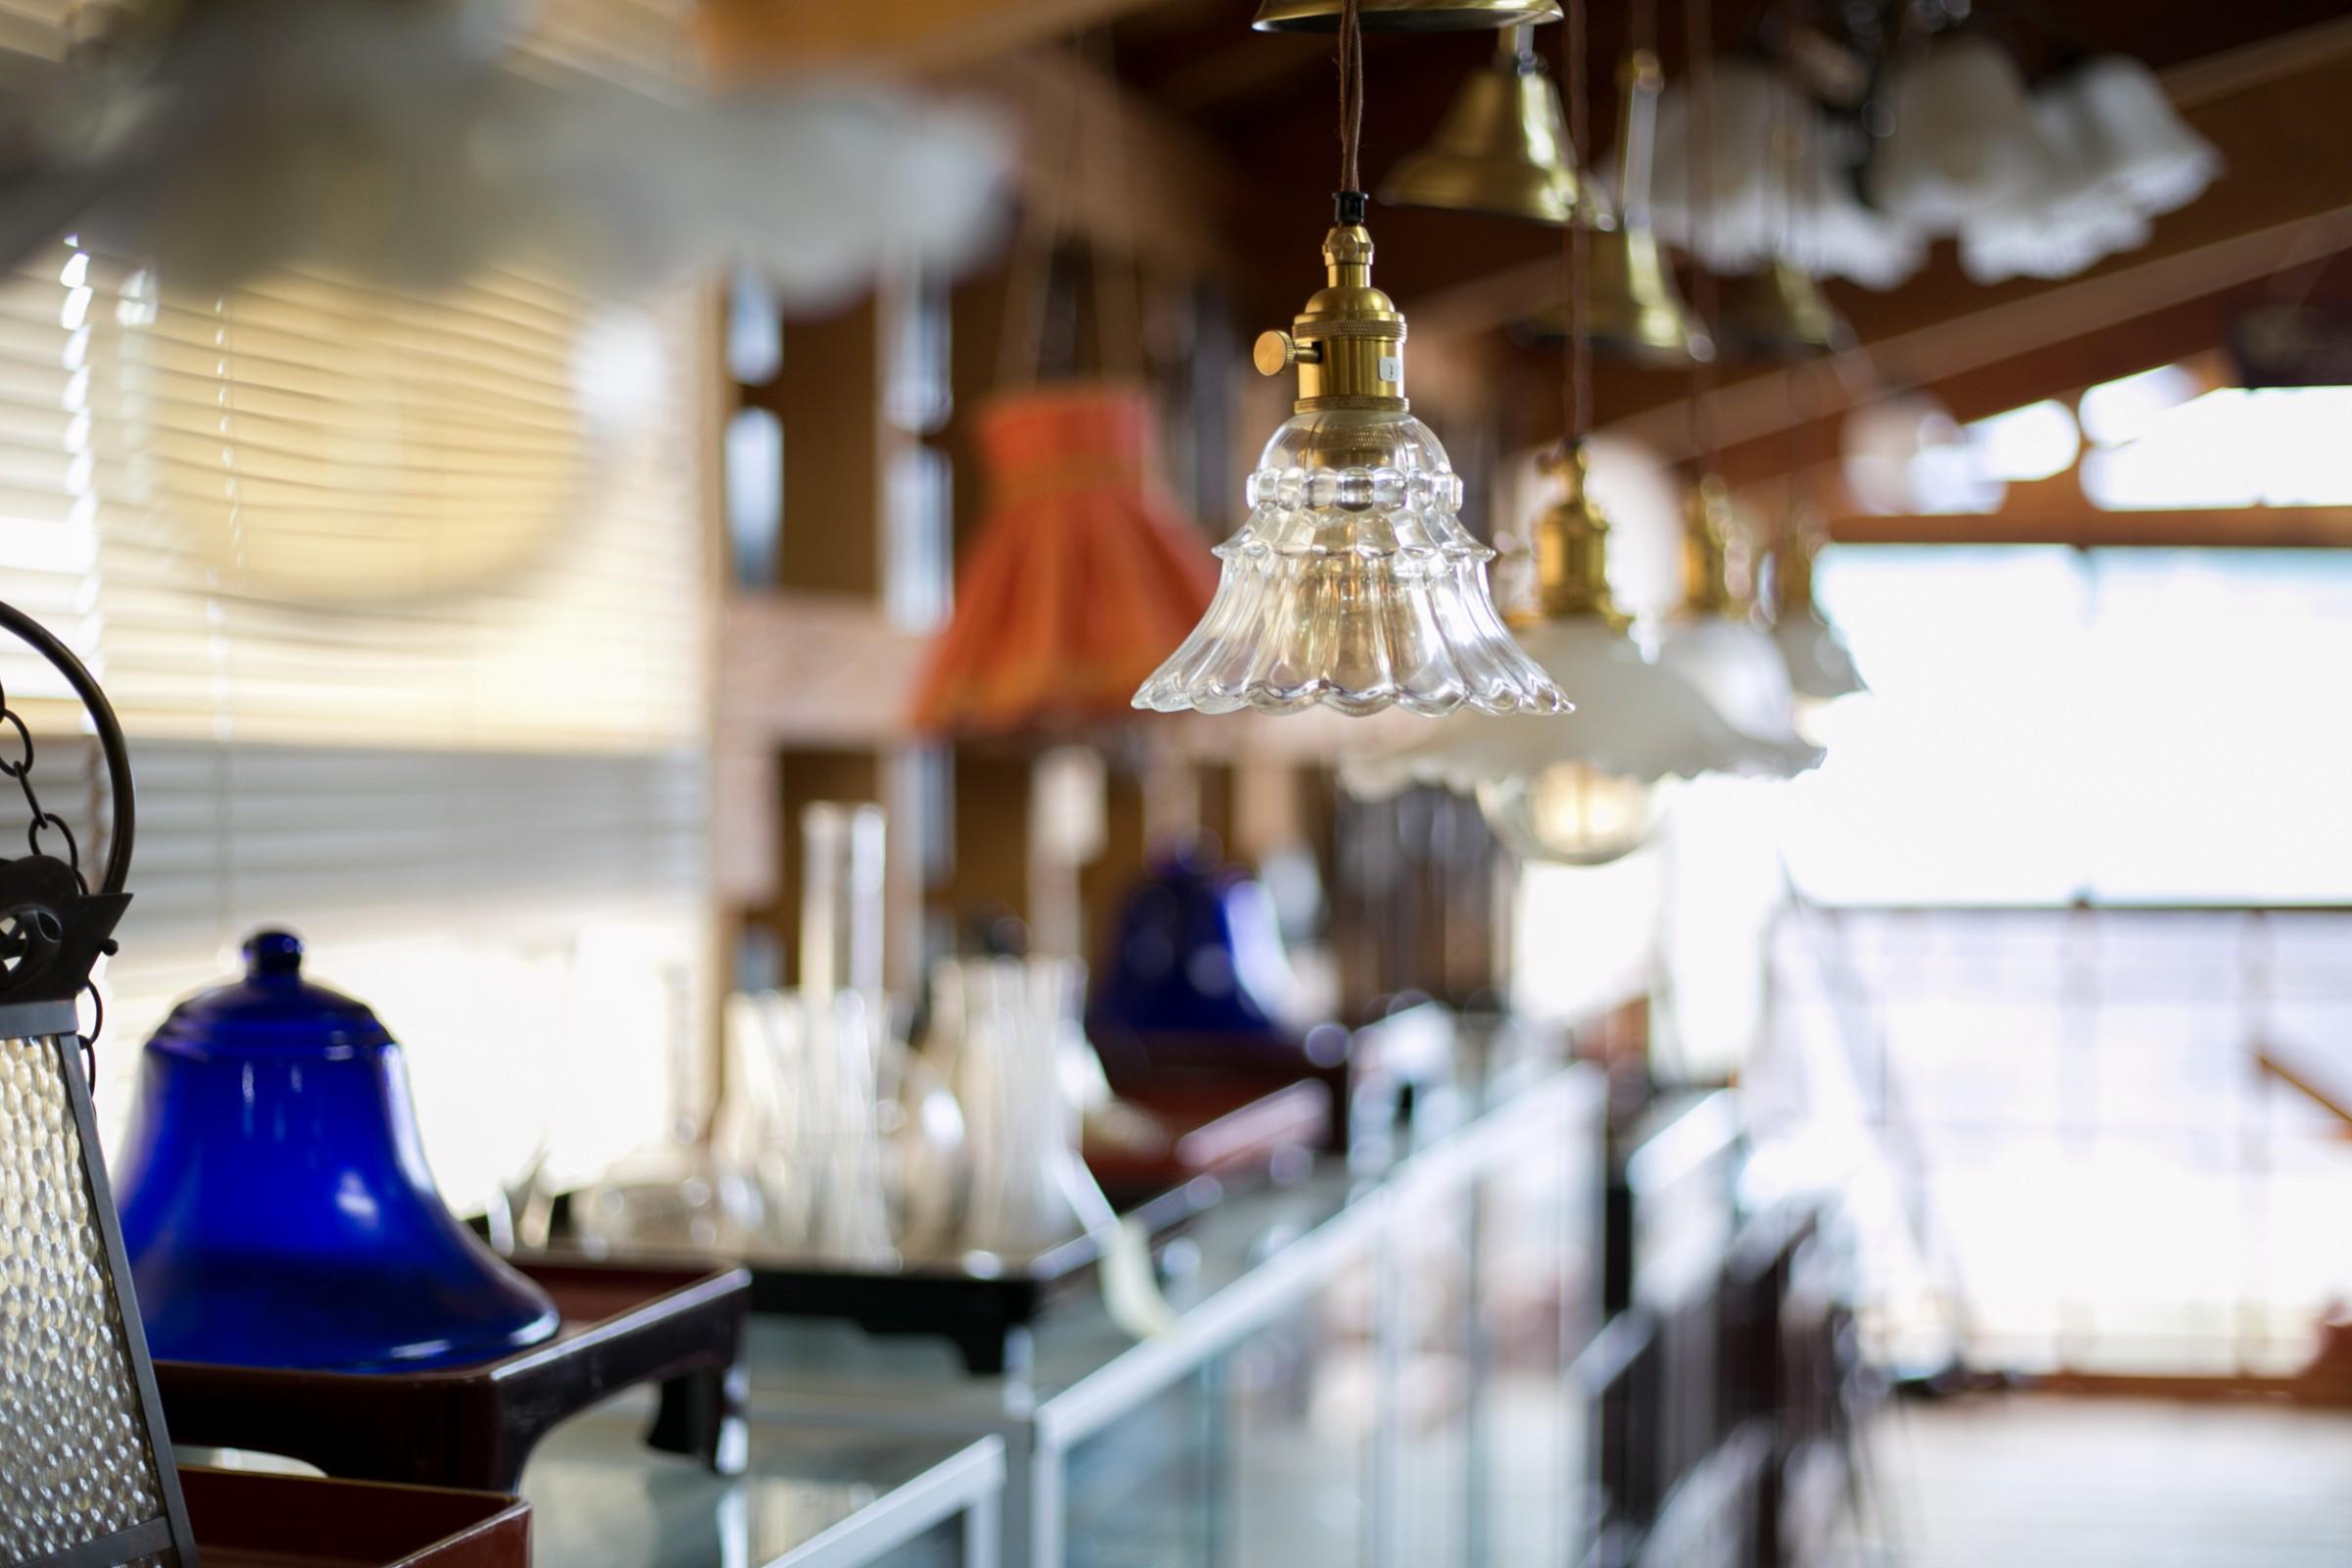 アンティークの照明器具もたくさん。古道具を東京の雑貨屋さんが仕入れに来ることもあるんだとか。